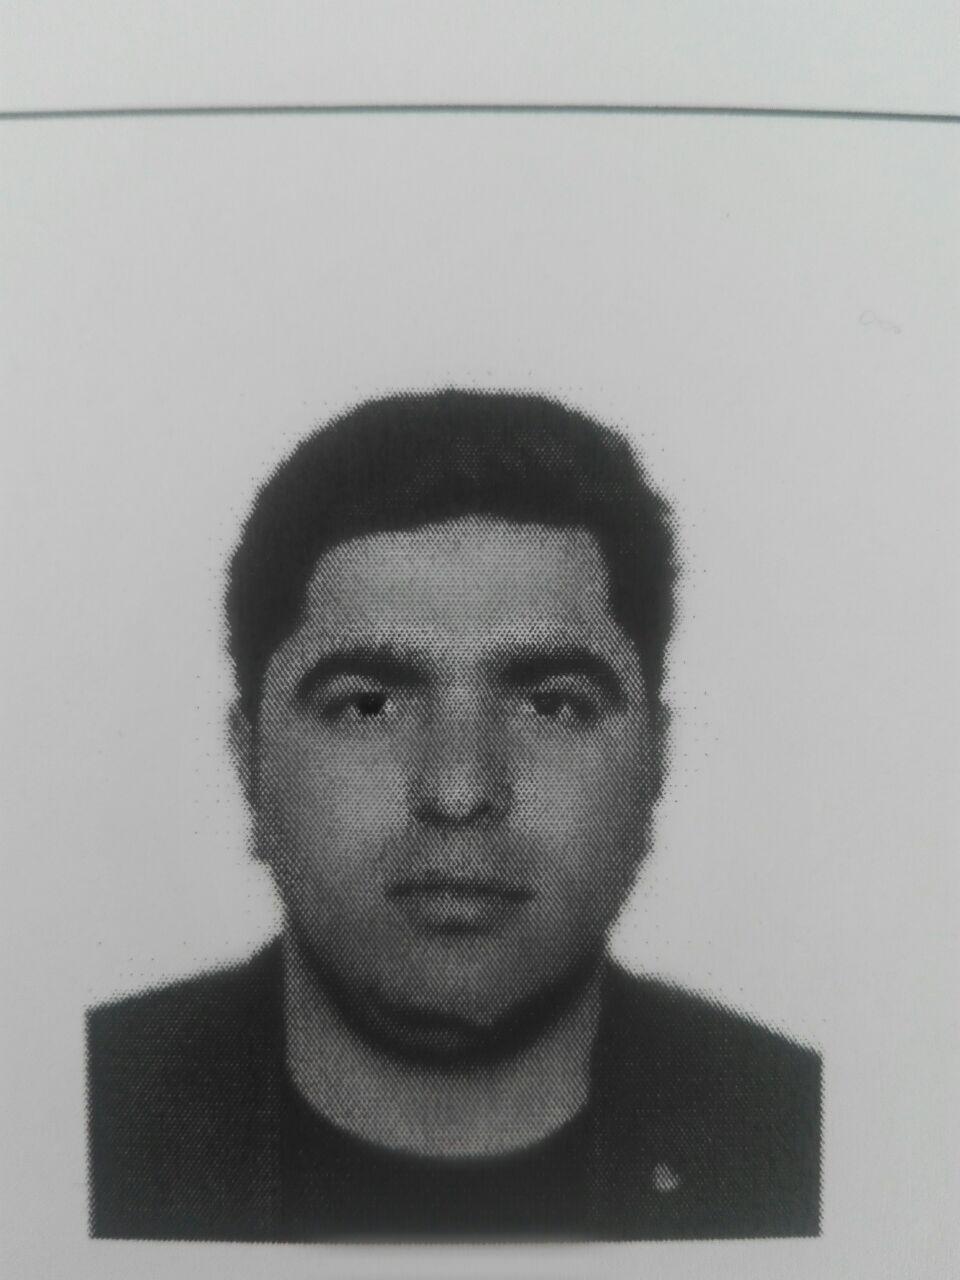 دستگیری کلاهبردار میلیاردی ساخت و ساز در کرمانشاه